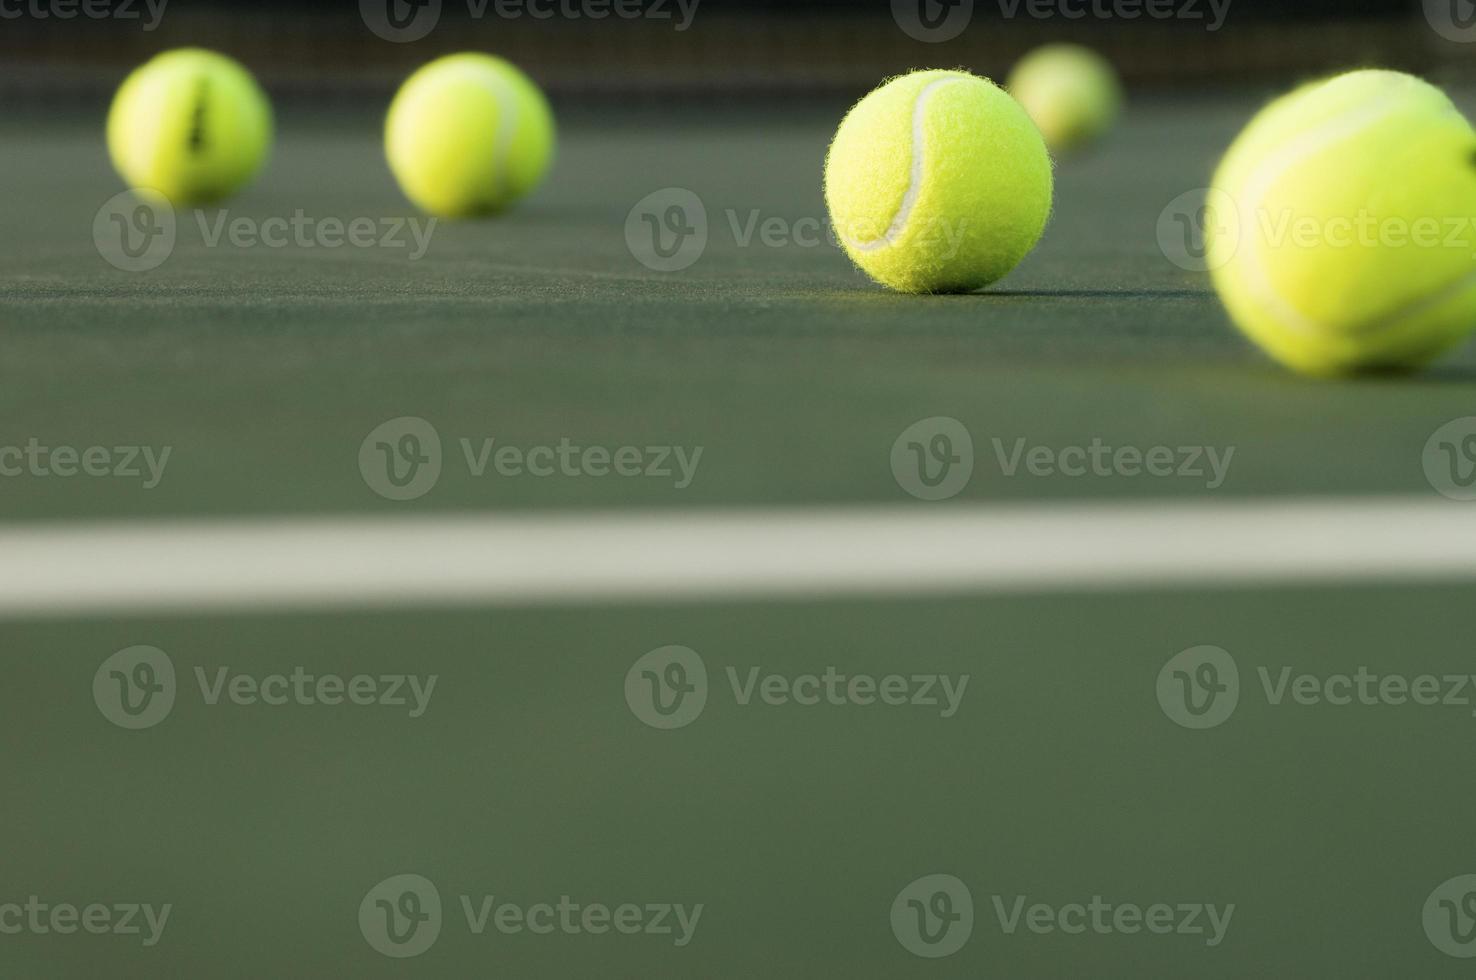 rij tennisballen op de ondergrond foto